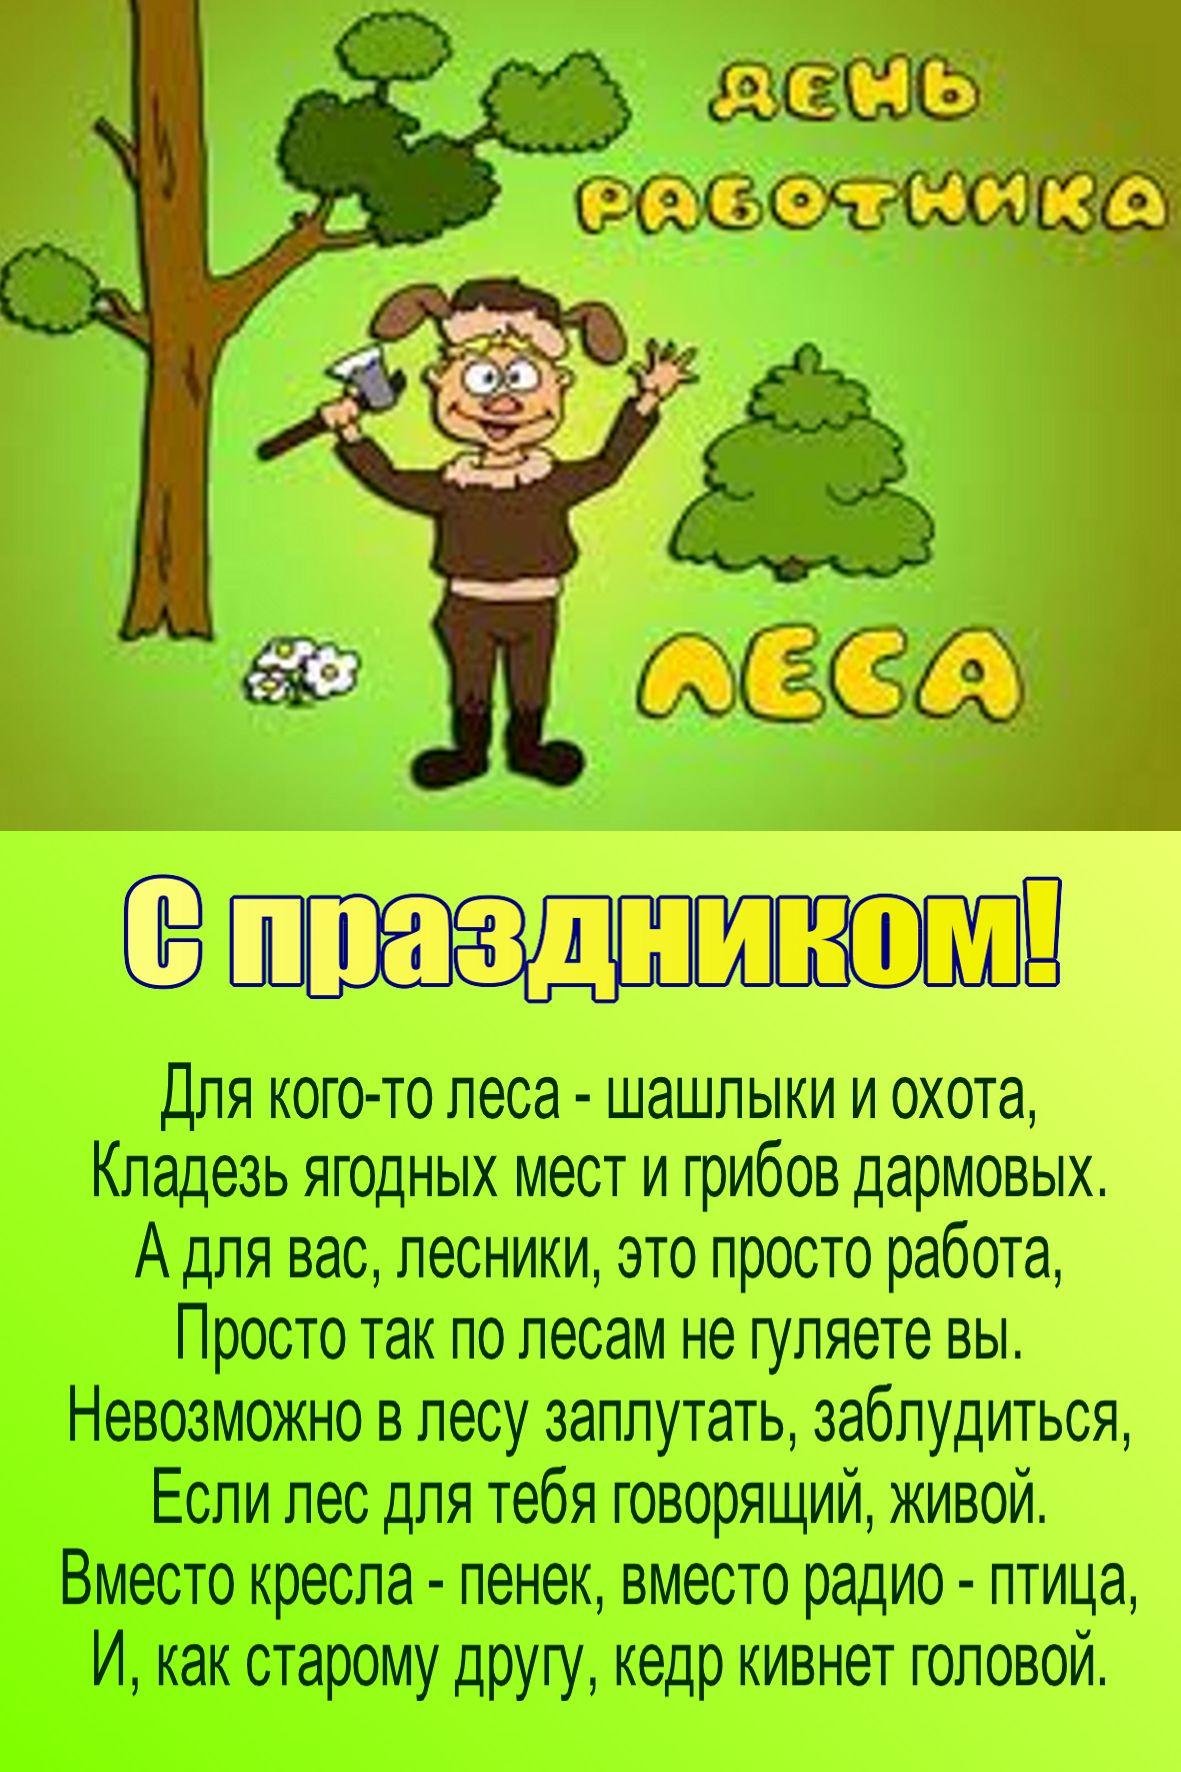 Прикольные поздравления с Днем леса 2017 в стихах